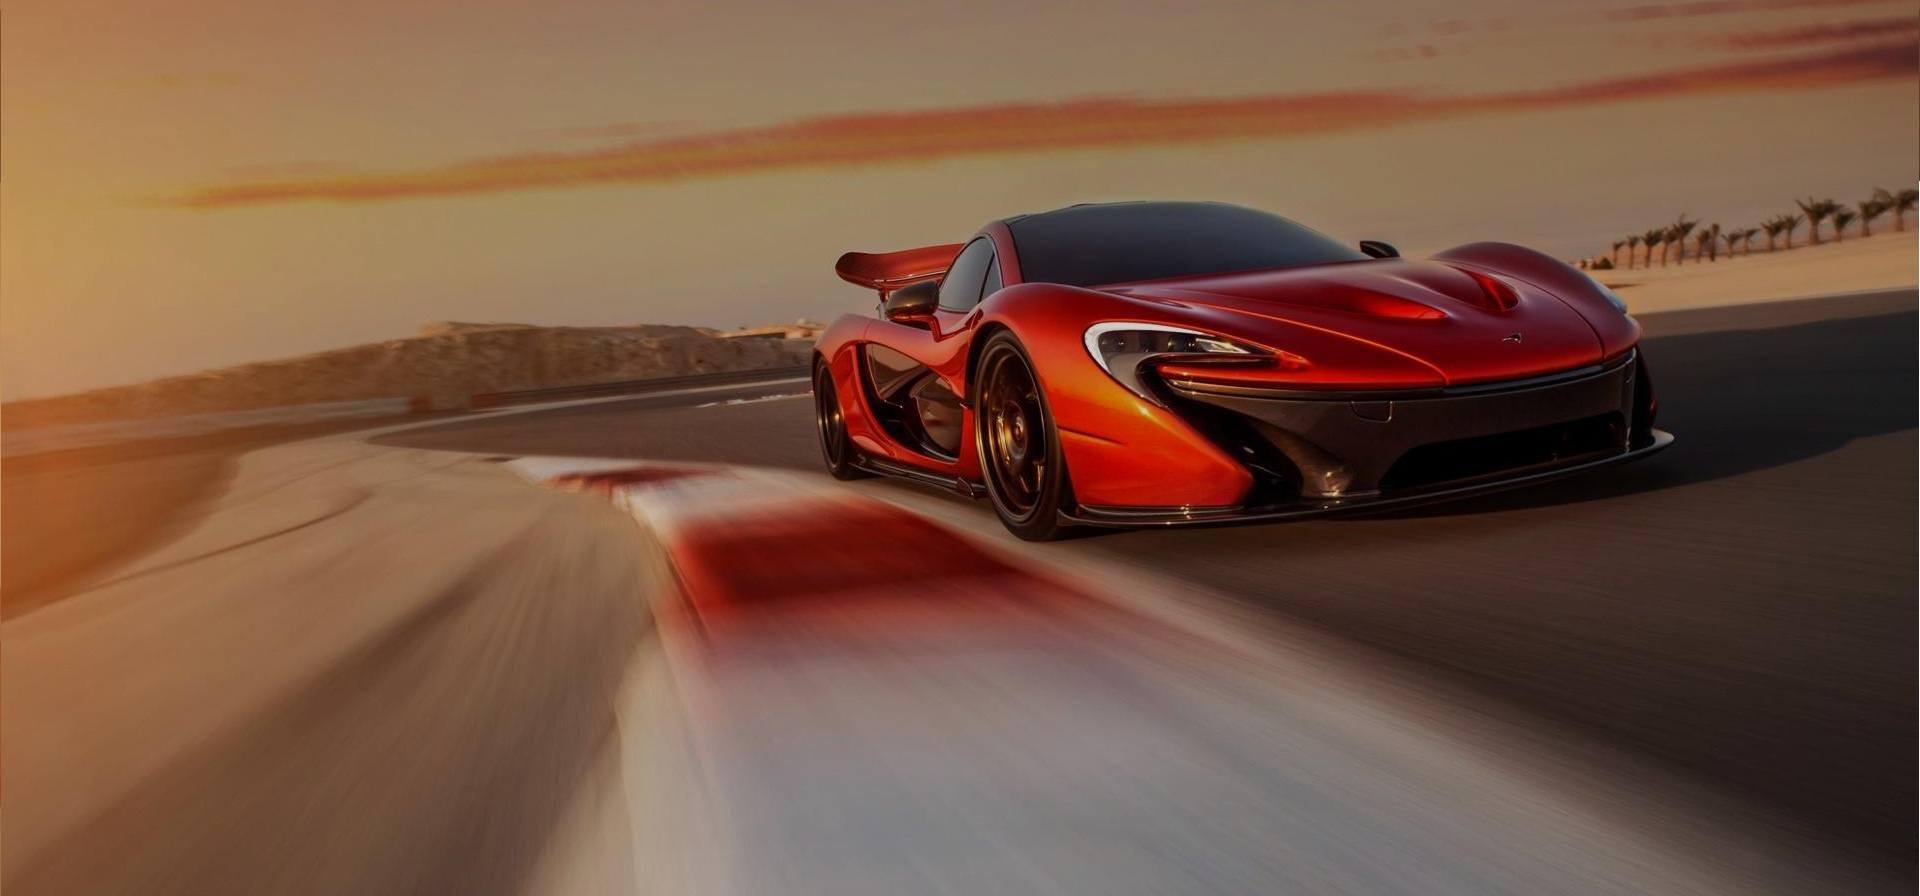 McLaren 675LT con 666 Caballos de fuerza